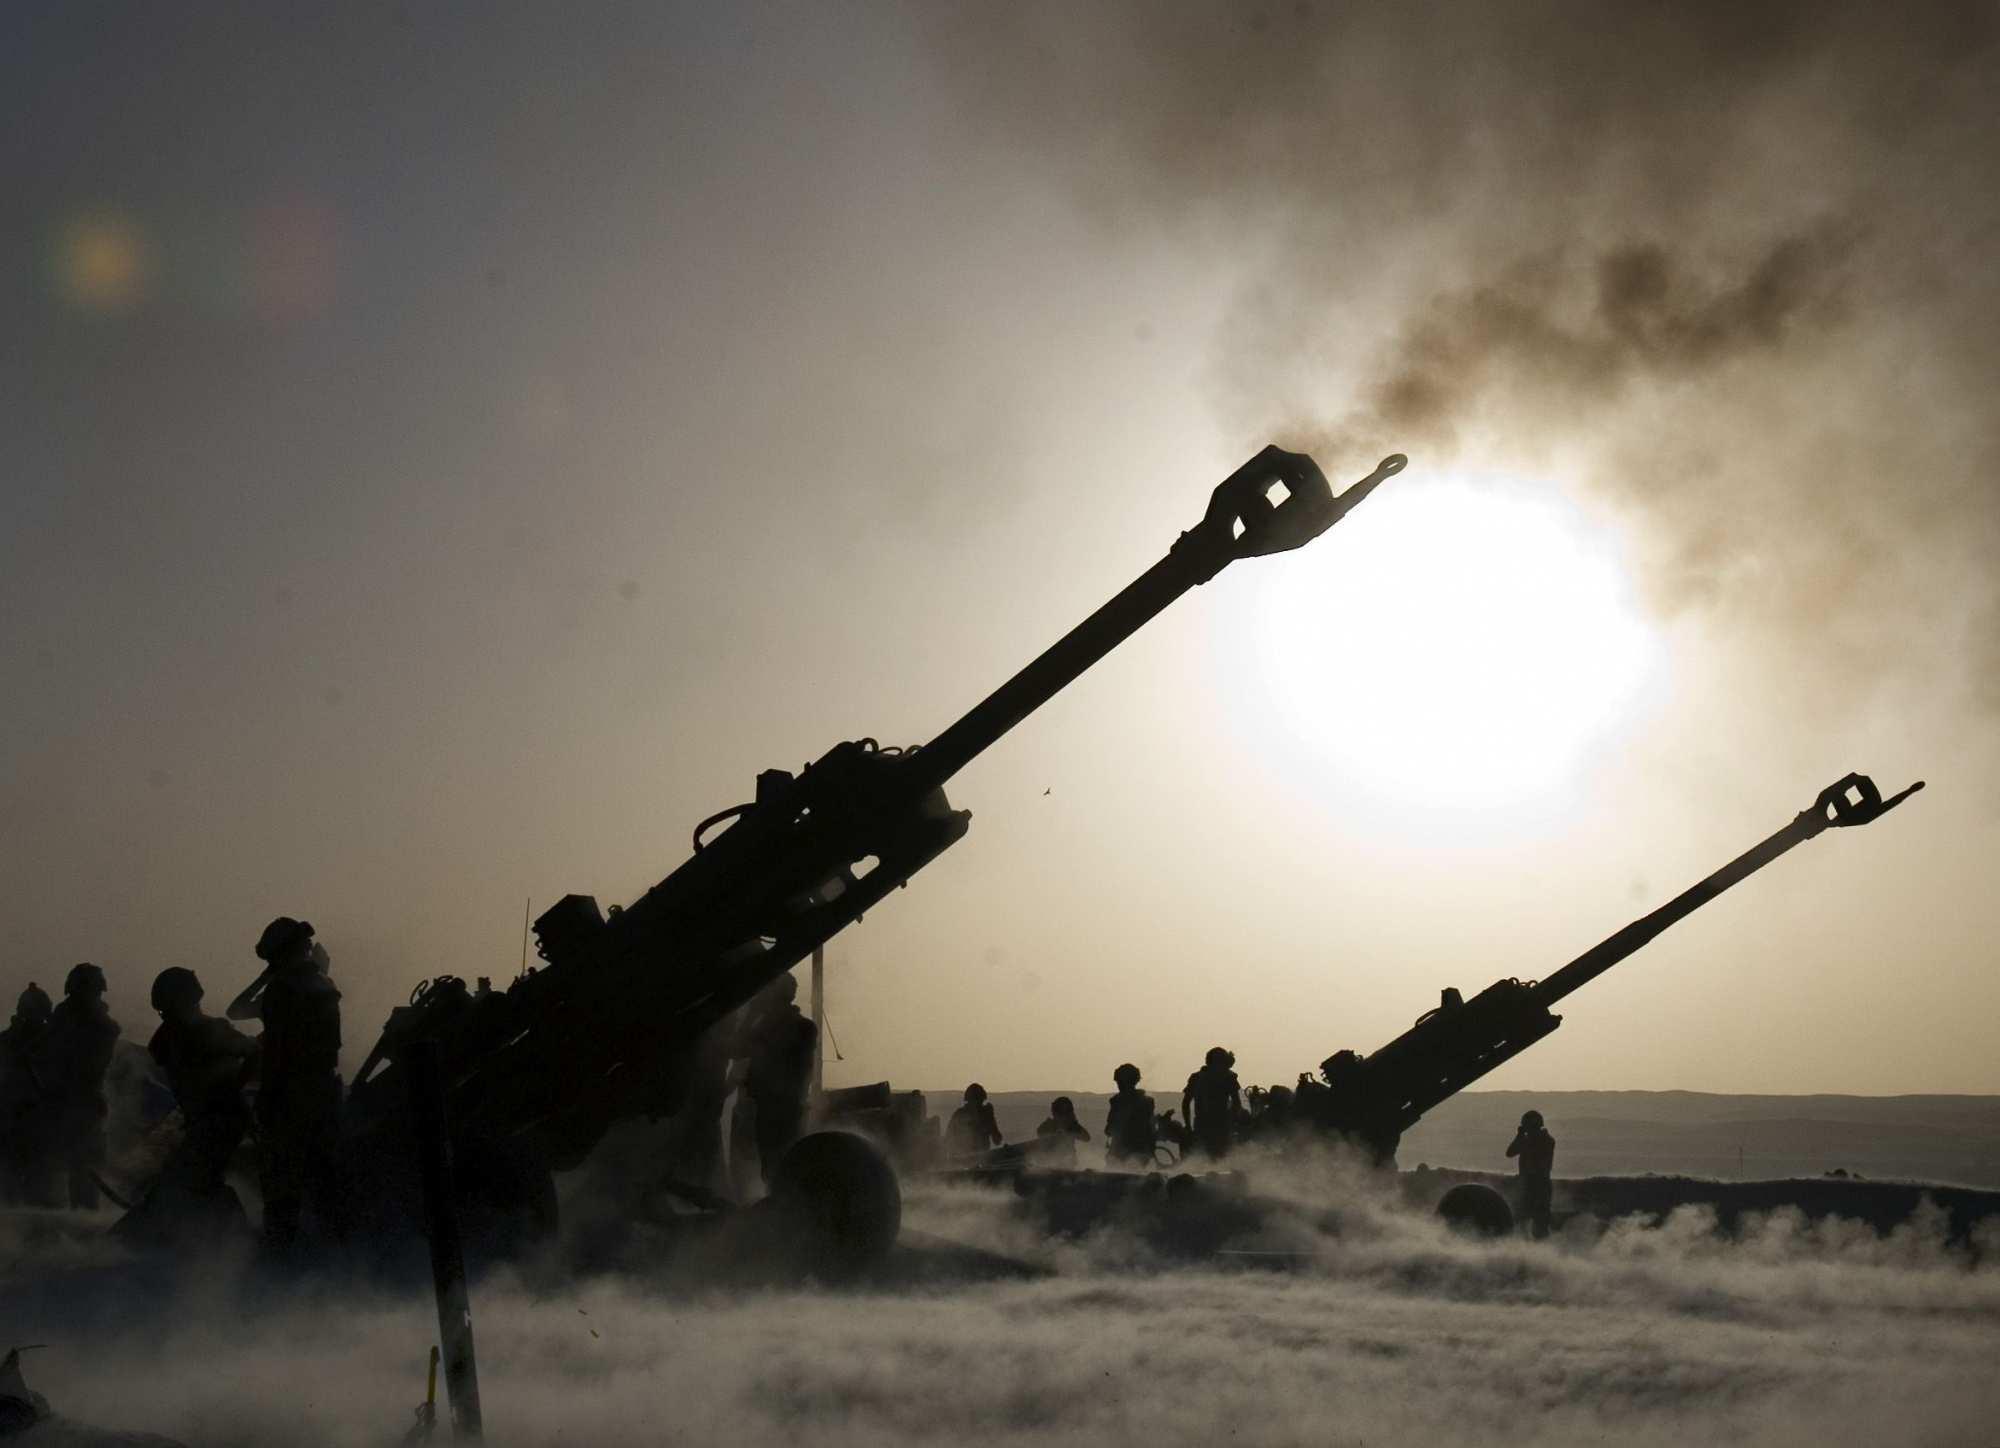 Предательский удар: турецкая артиллерия открыла огонь по войскам Сирии, освободившим город Кесаб от террористов ИГИЛ (+ВИДЕО)   Русская весна